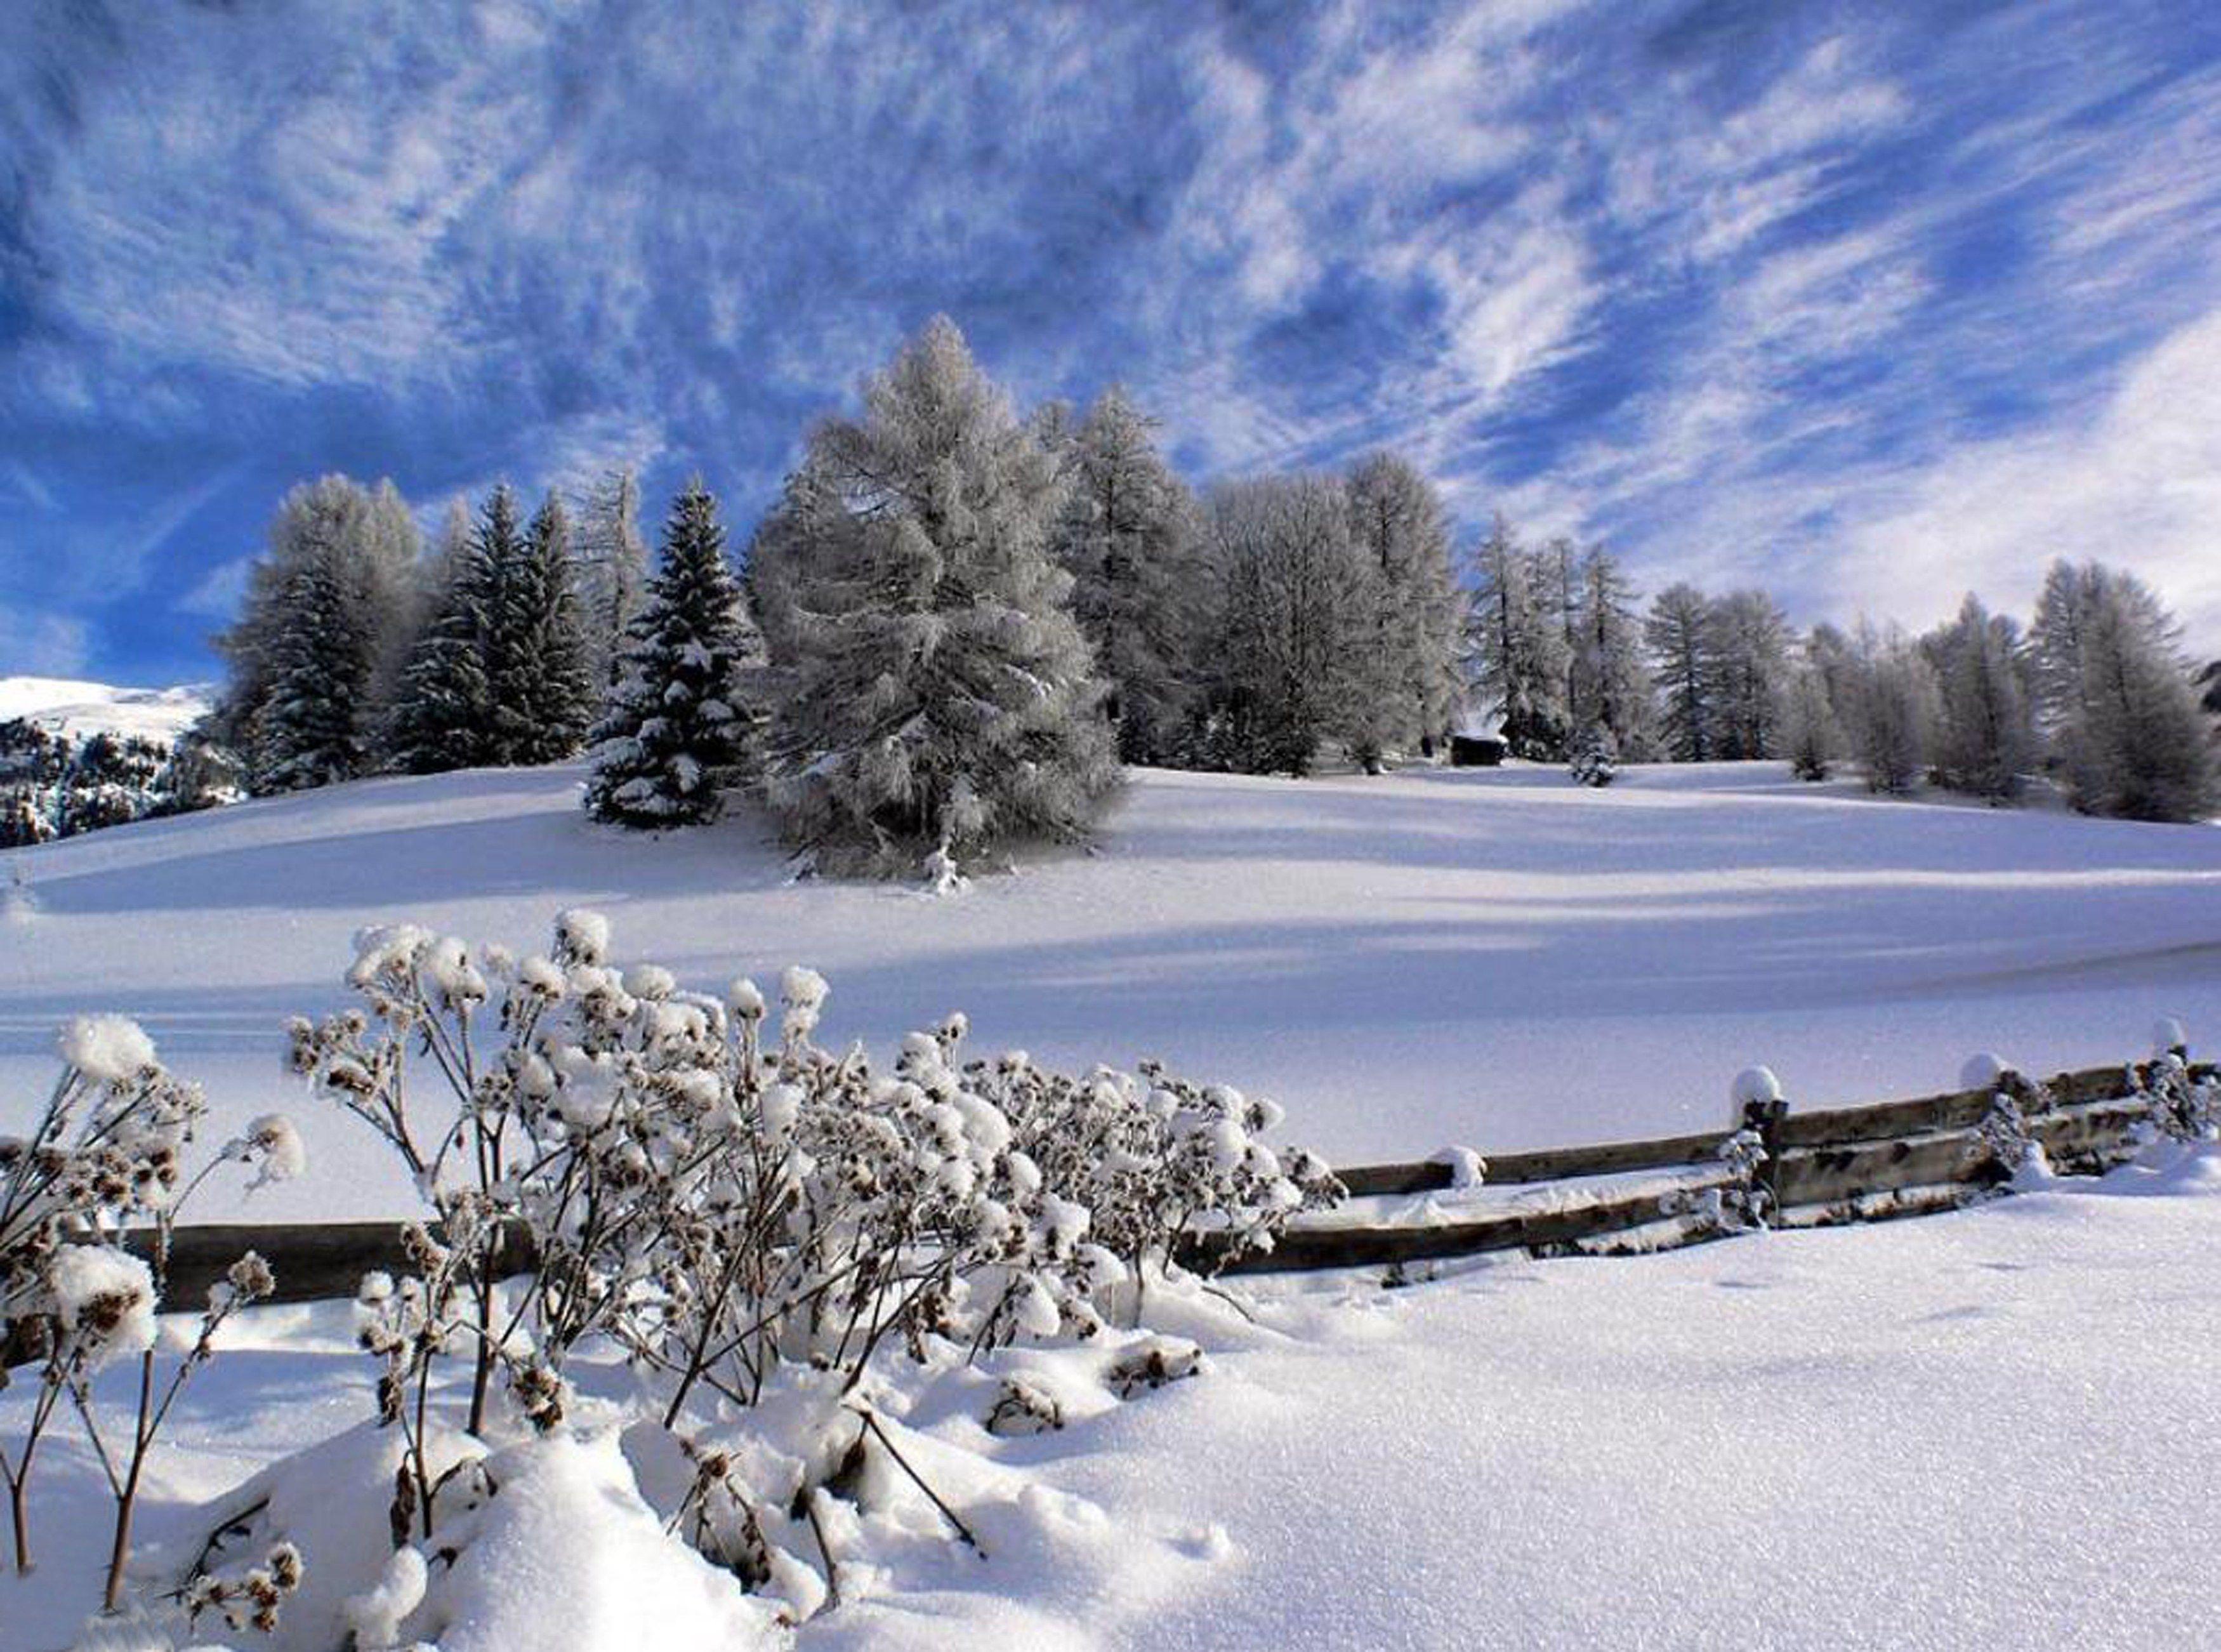 fond d ecran paysage d hiver